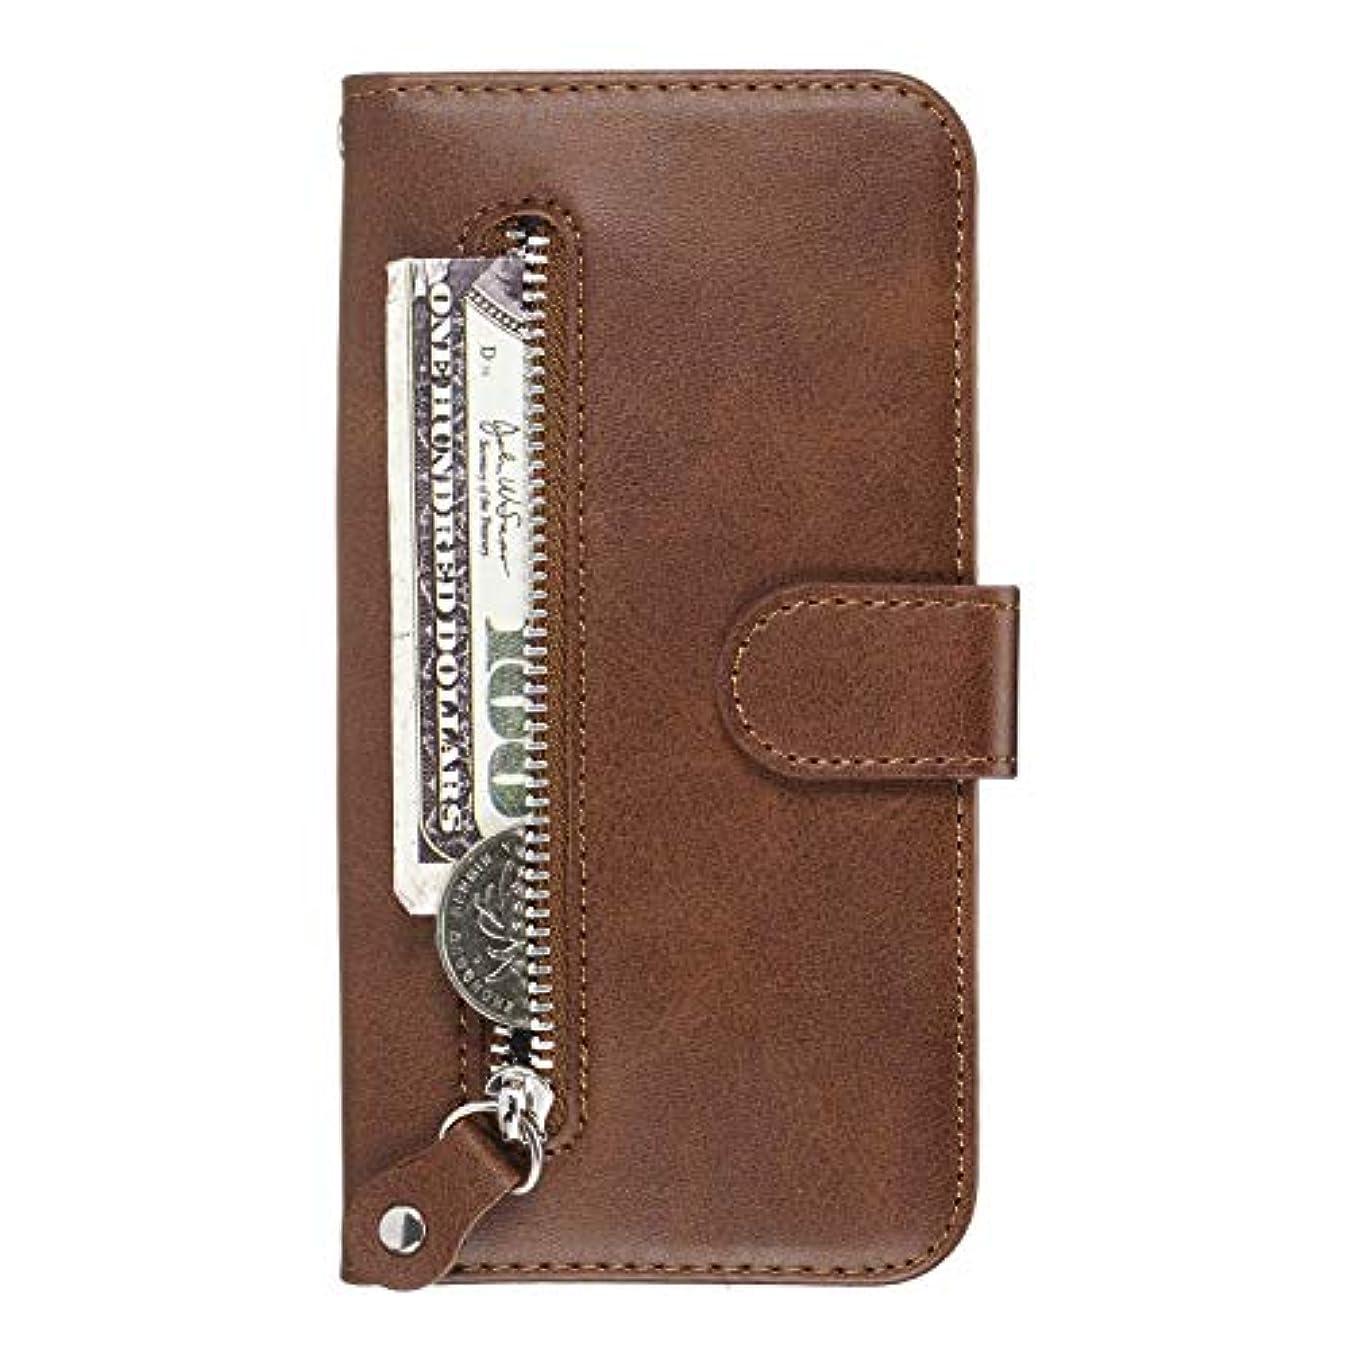 群がるすることになっている恩赦OMATENTI Galaxy M20 ケース, 軽量 PUレザー 薄型 簡約風 人気カバー バックケース Galaxy M20 用 Case Cover, 液晶保護 カード収納, 財布とコインポケット付き, 褐色